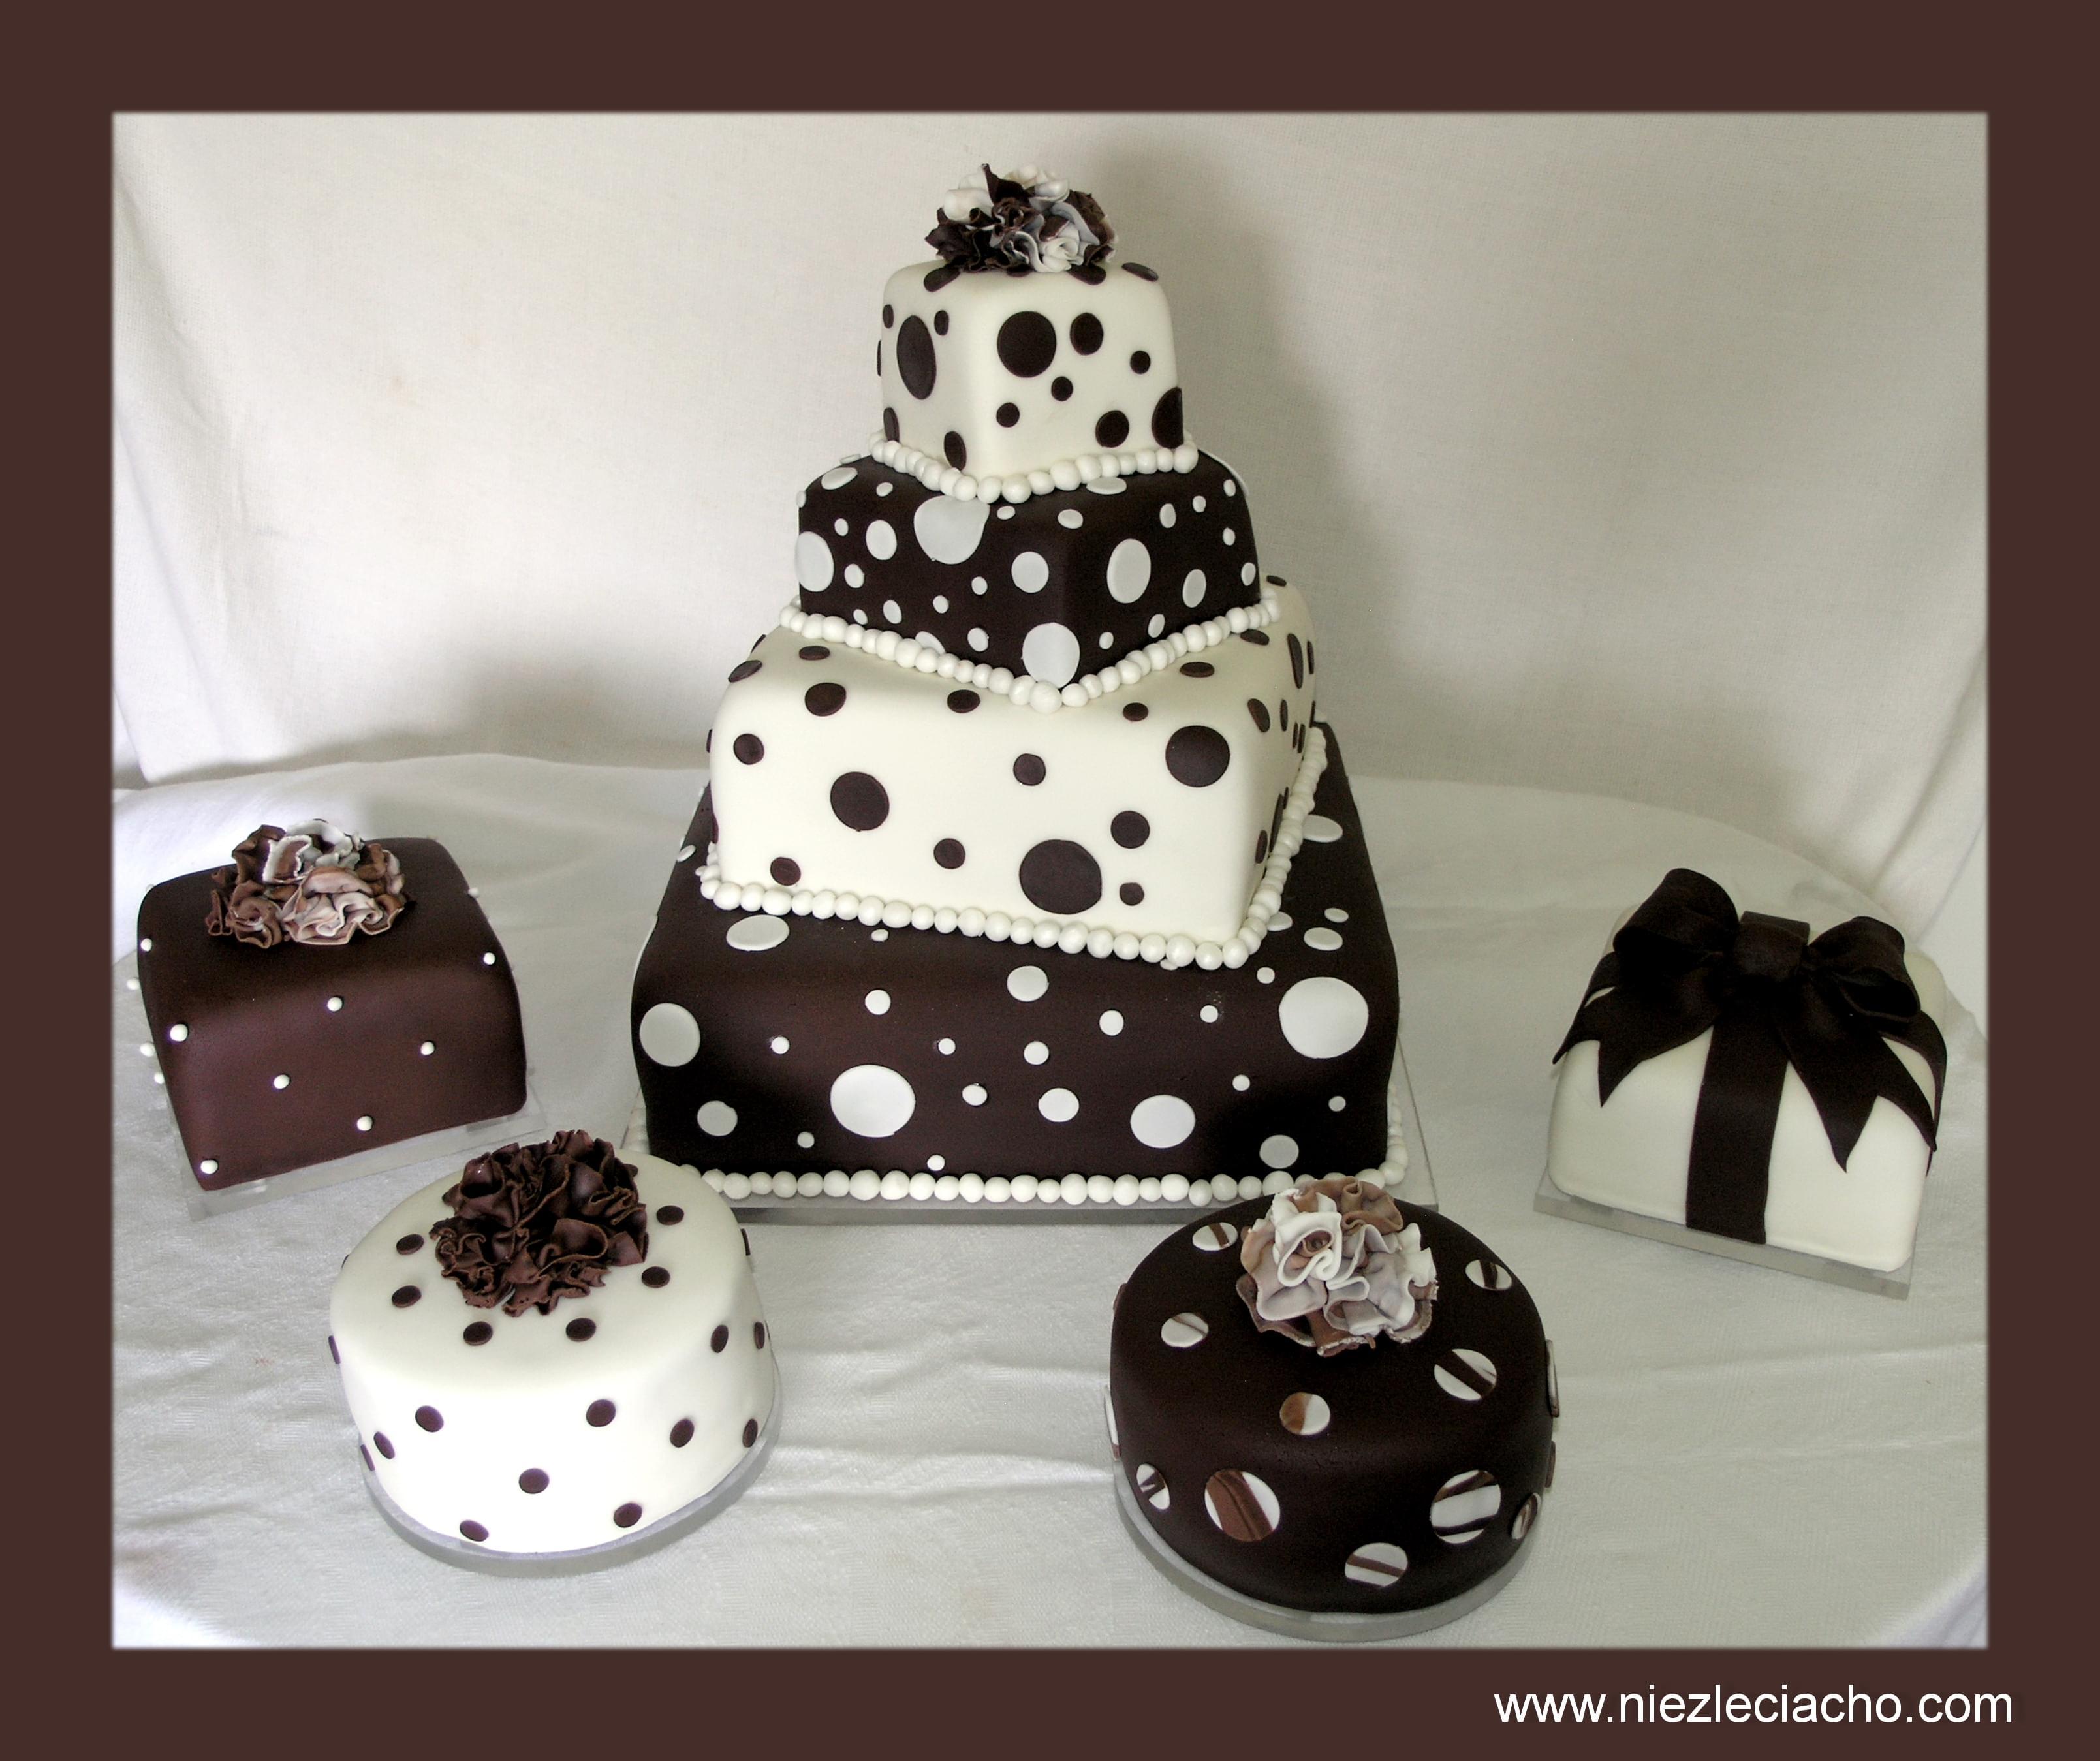 niezłe ciacho artystyczne torty ślubne sugarcrafting turkusowo brązowy tort w goszki czarno biały tort